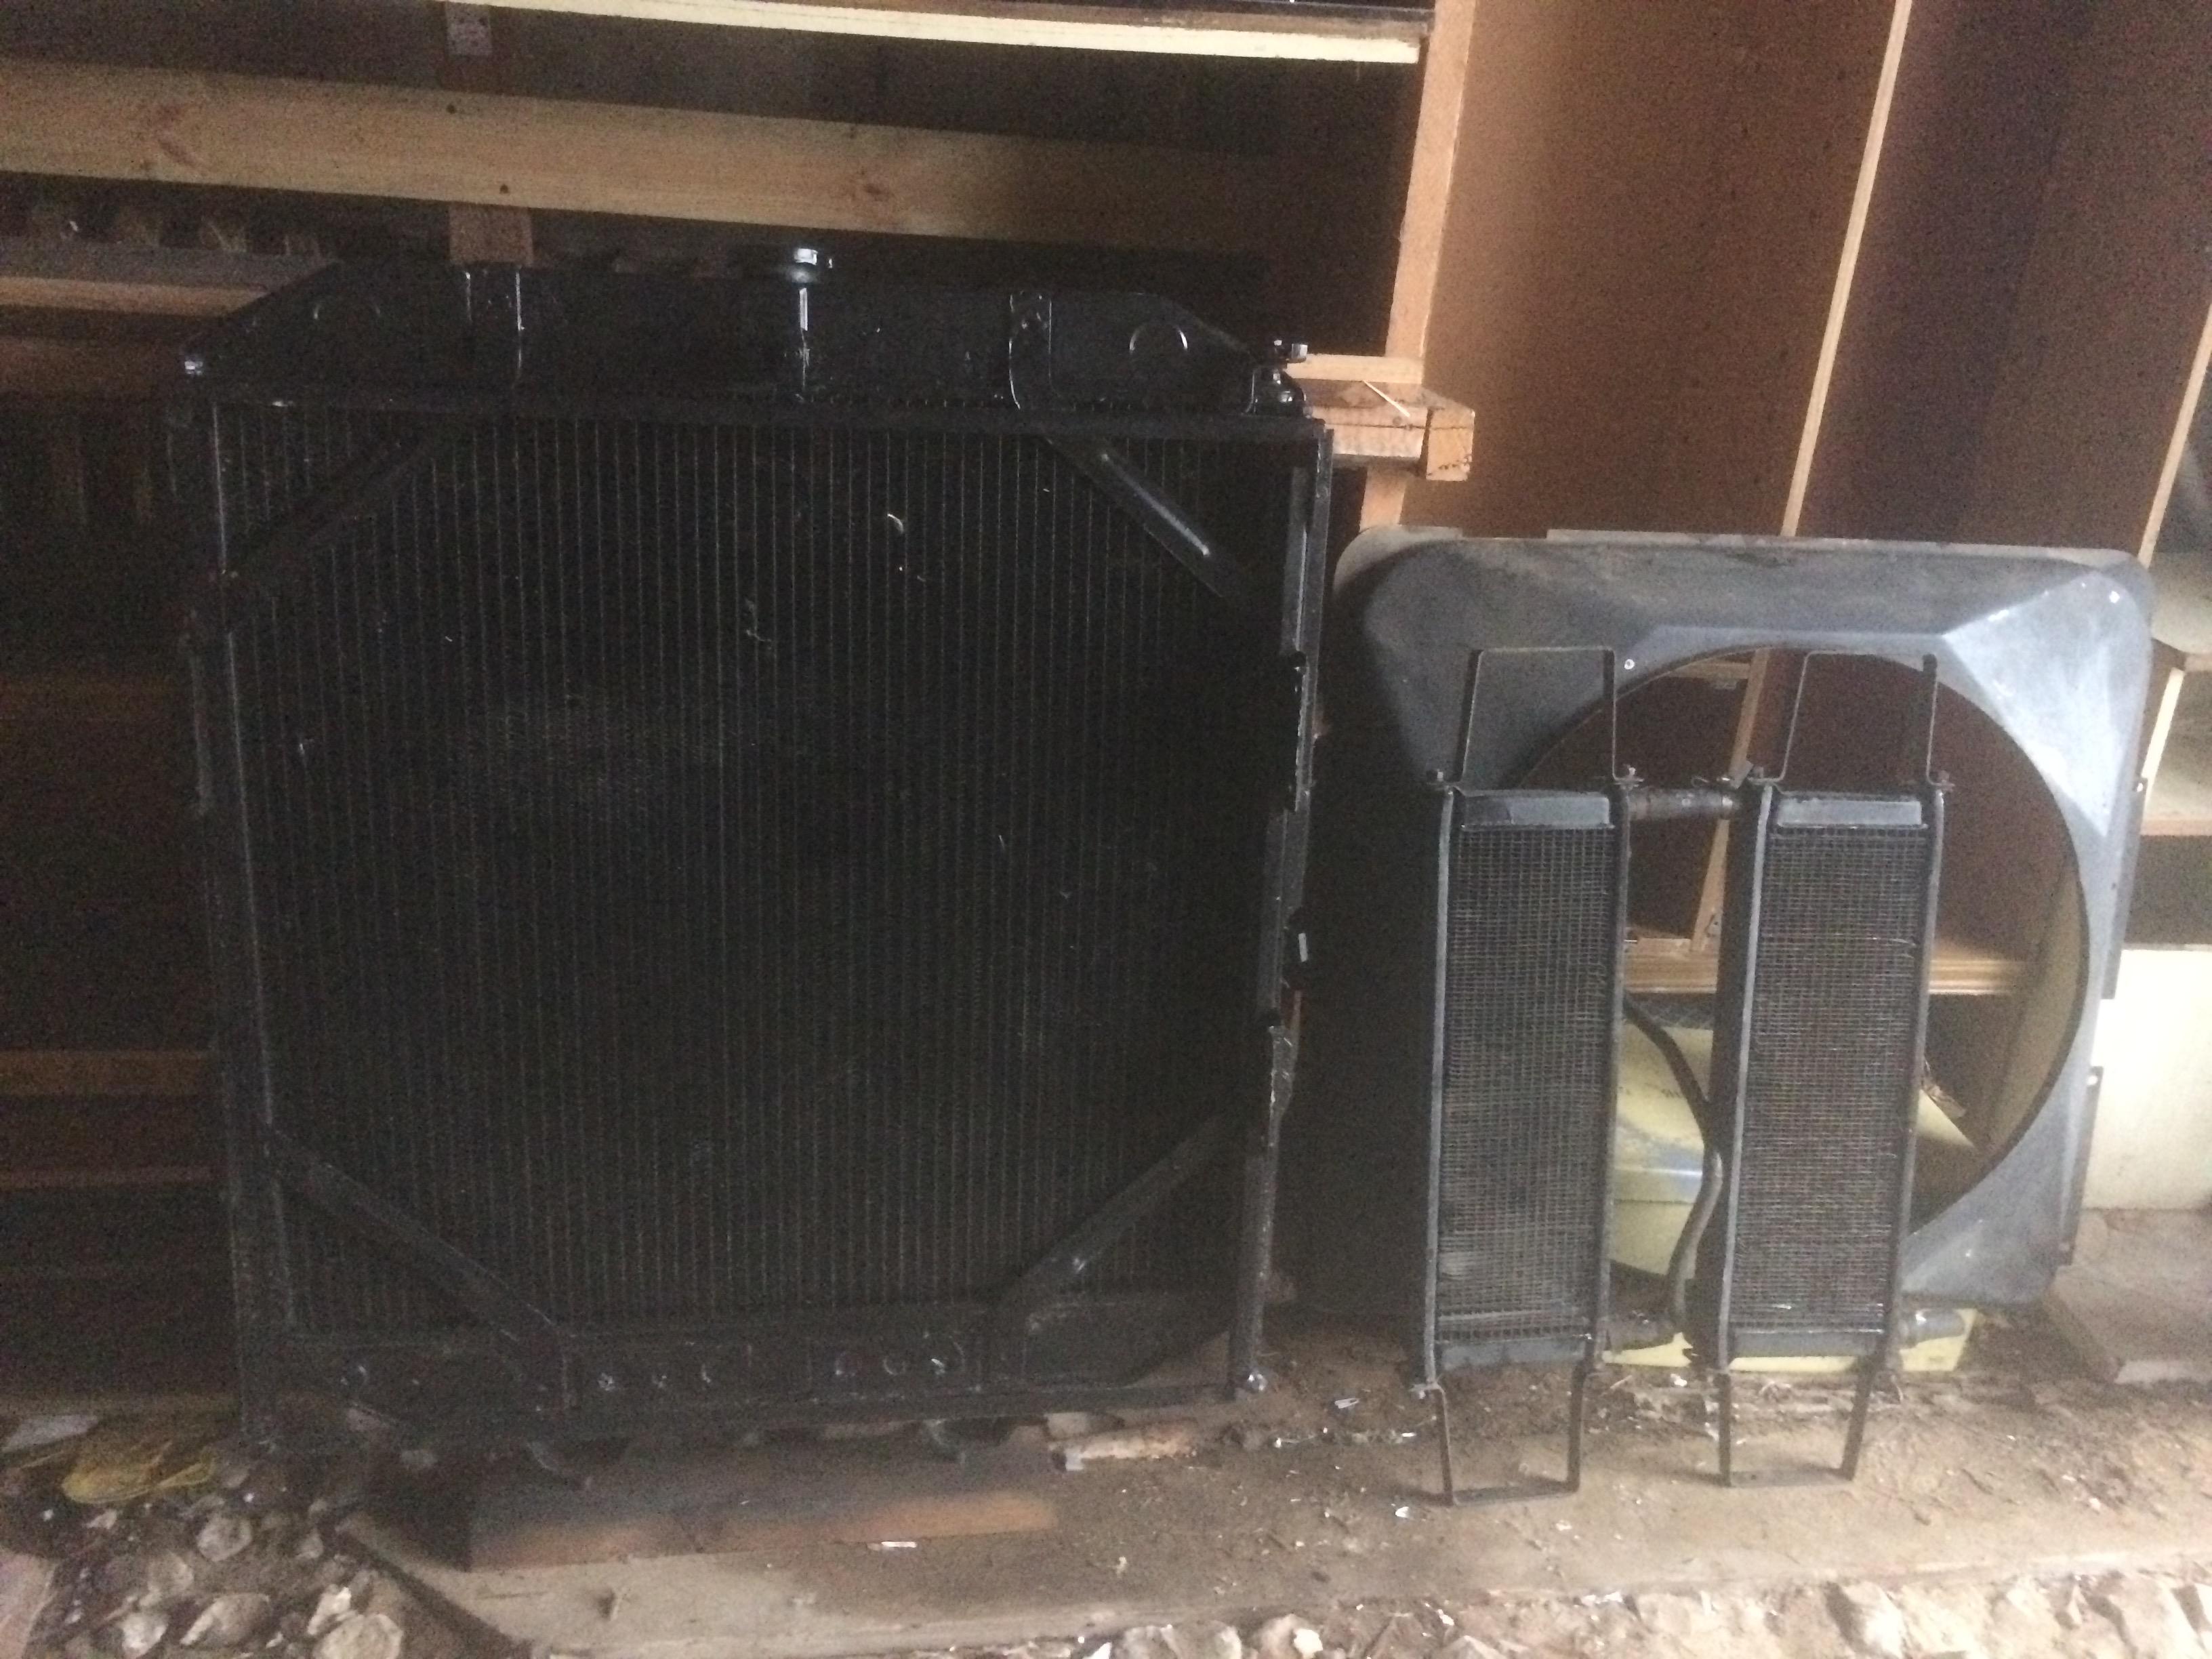 Радиатор Краз-255  с кожухом вентилятора и масляными радиаторами в сборе.